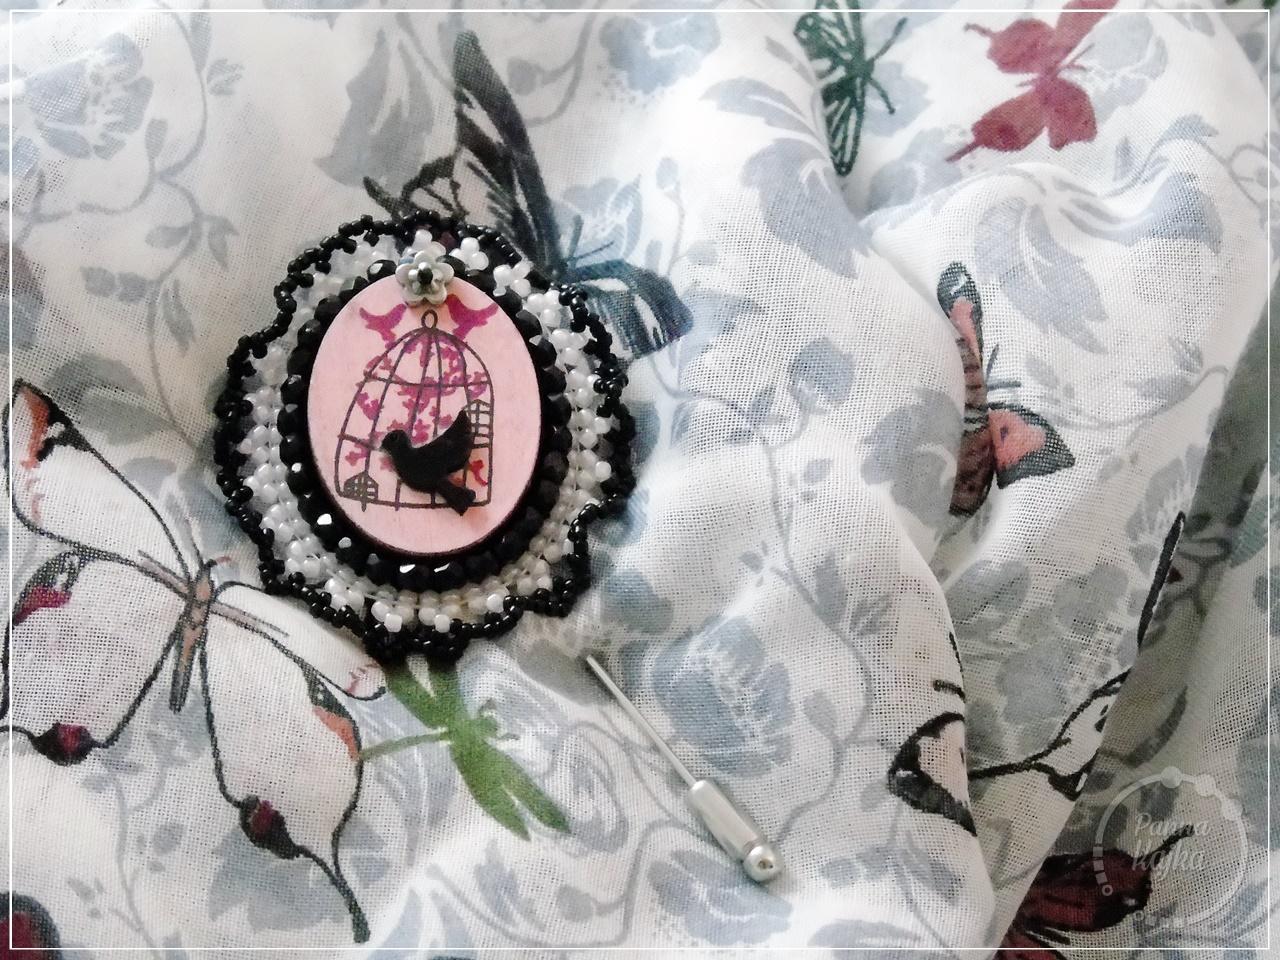 broszka, handmade, rękodzieło, biżuteria, jewellery, zawieszka, drewno, fire polish, toho round, koronka, hematyt